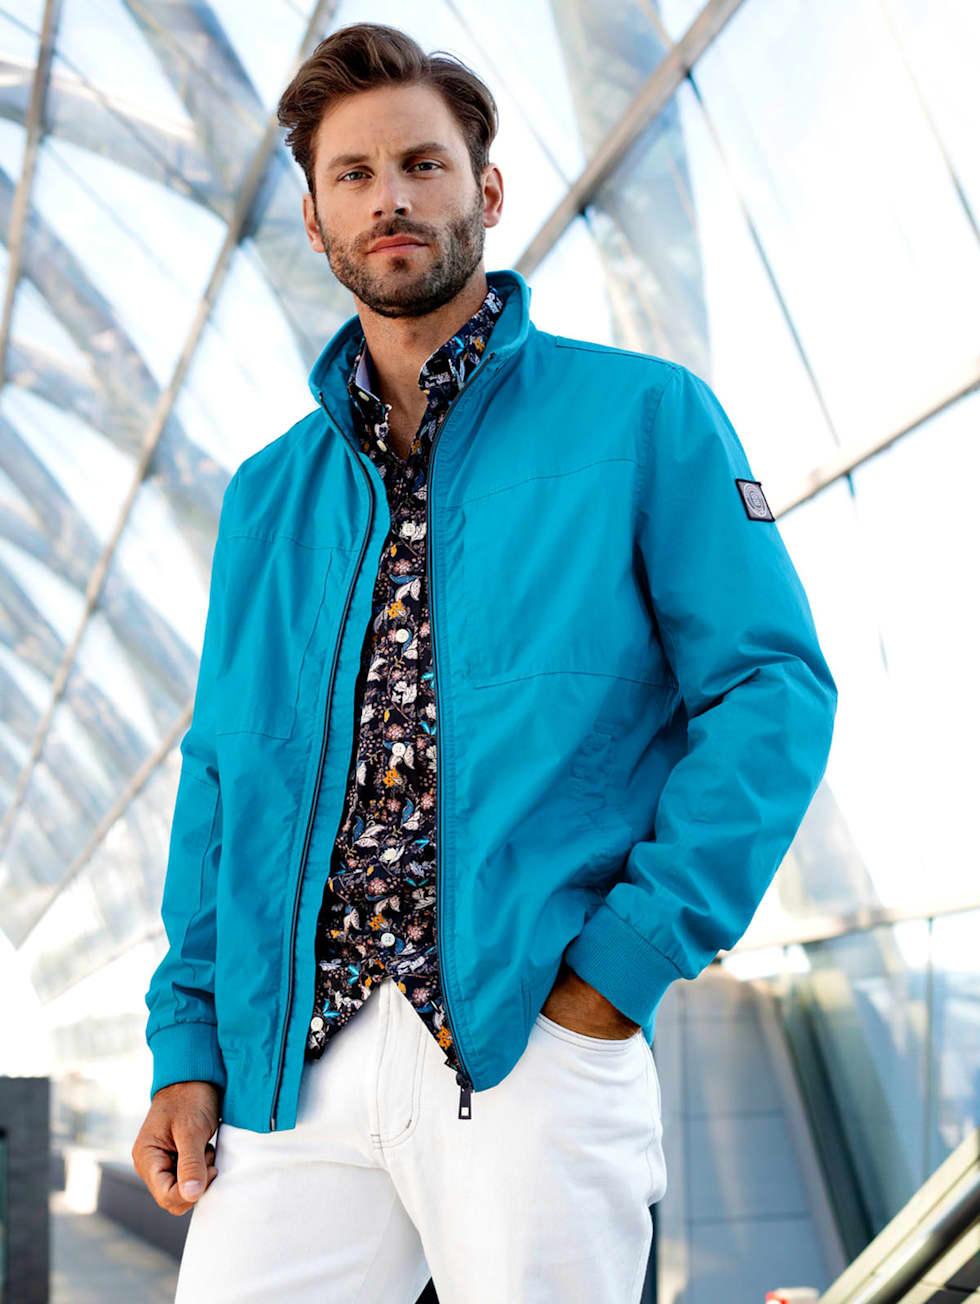 Blue-Outfit: Türkisfarbener Blouson kombiniert mit Hemd in floralem Muster und einer weißen Jeans